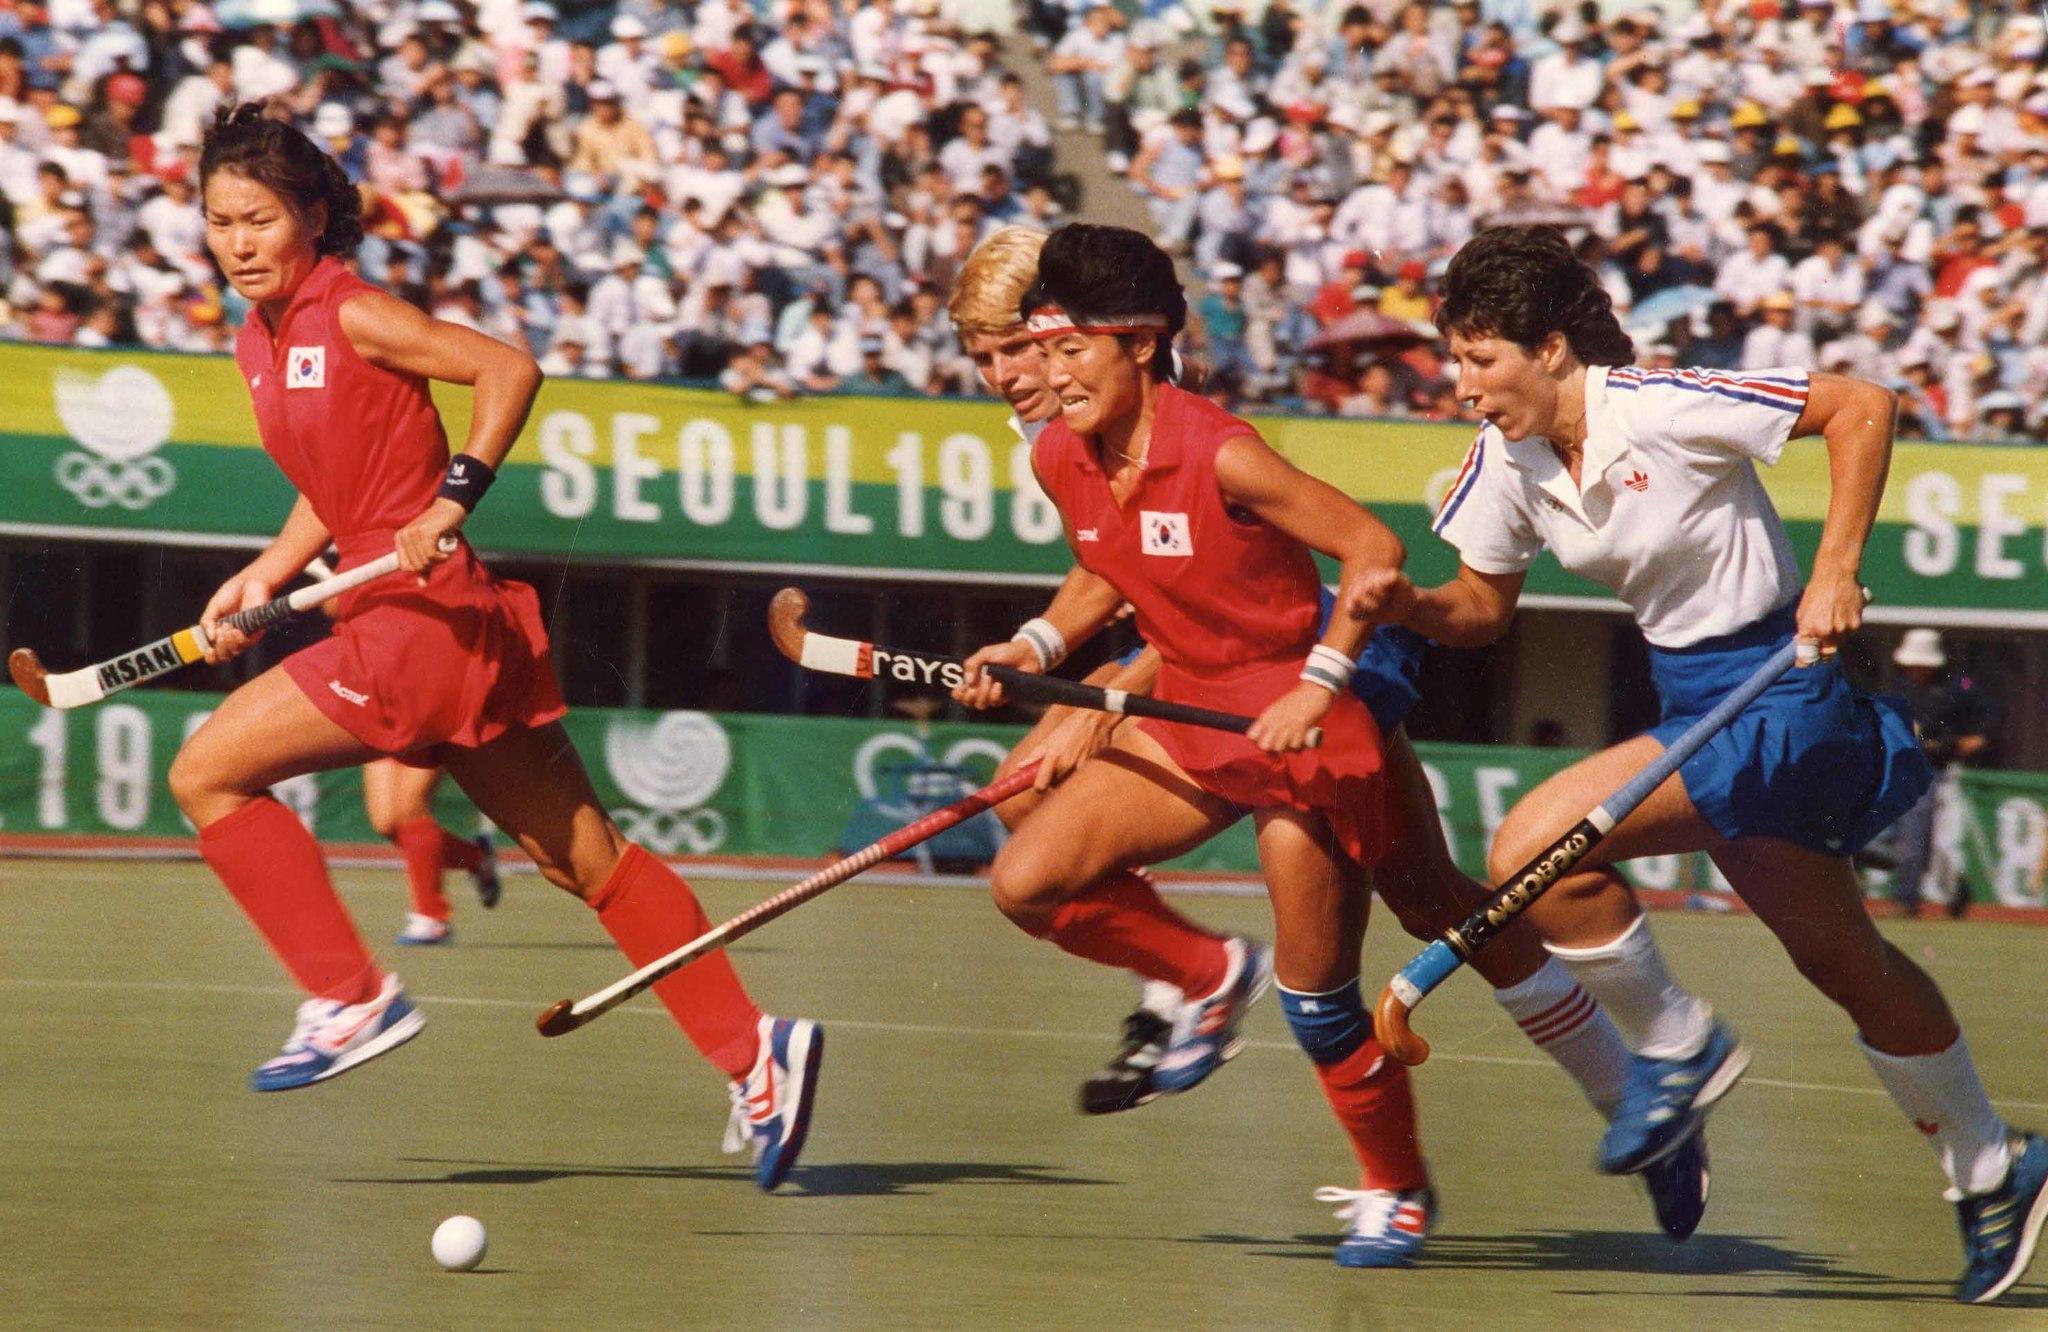 1988년 서울올림픽 여자하키 준결승에서 진원심이 영국의 수비수 2명을 제치고 질주하고 있다.[중앙포토]